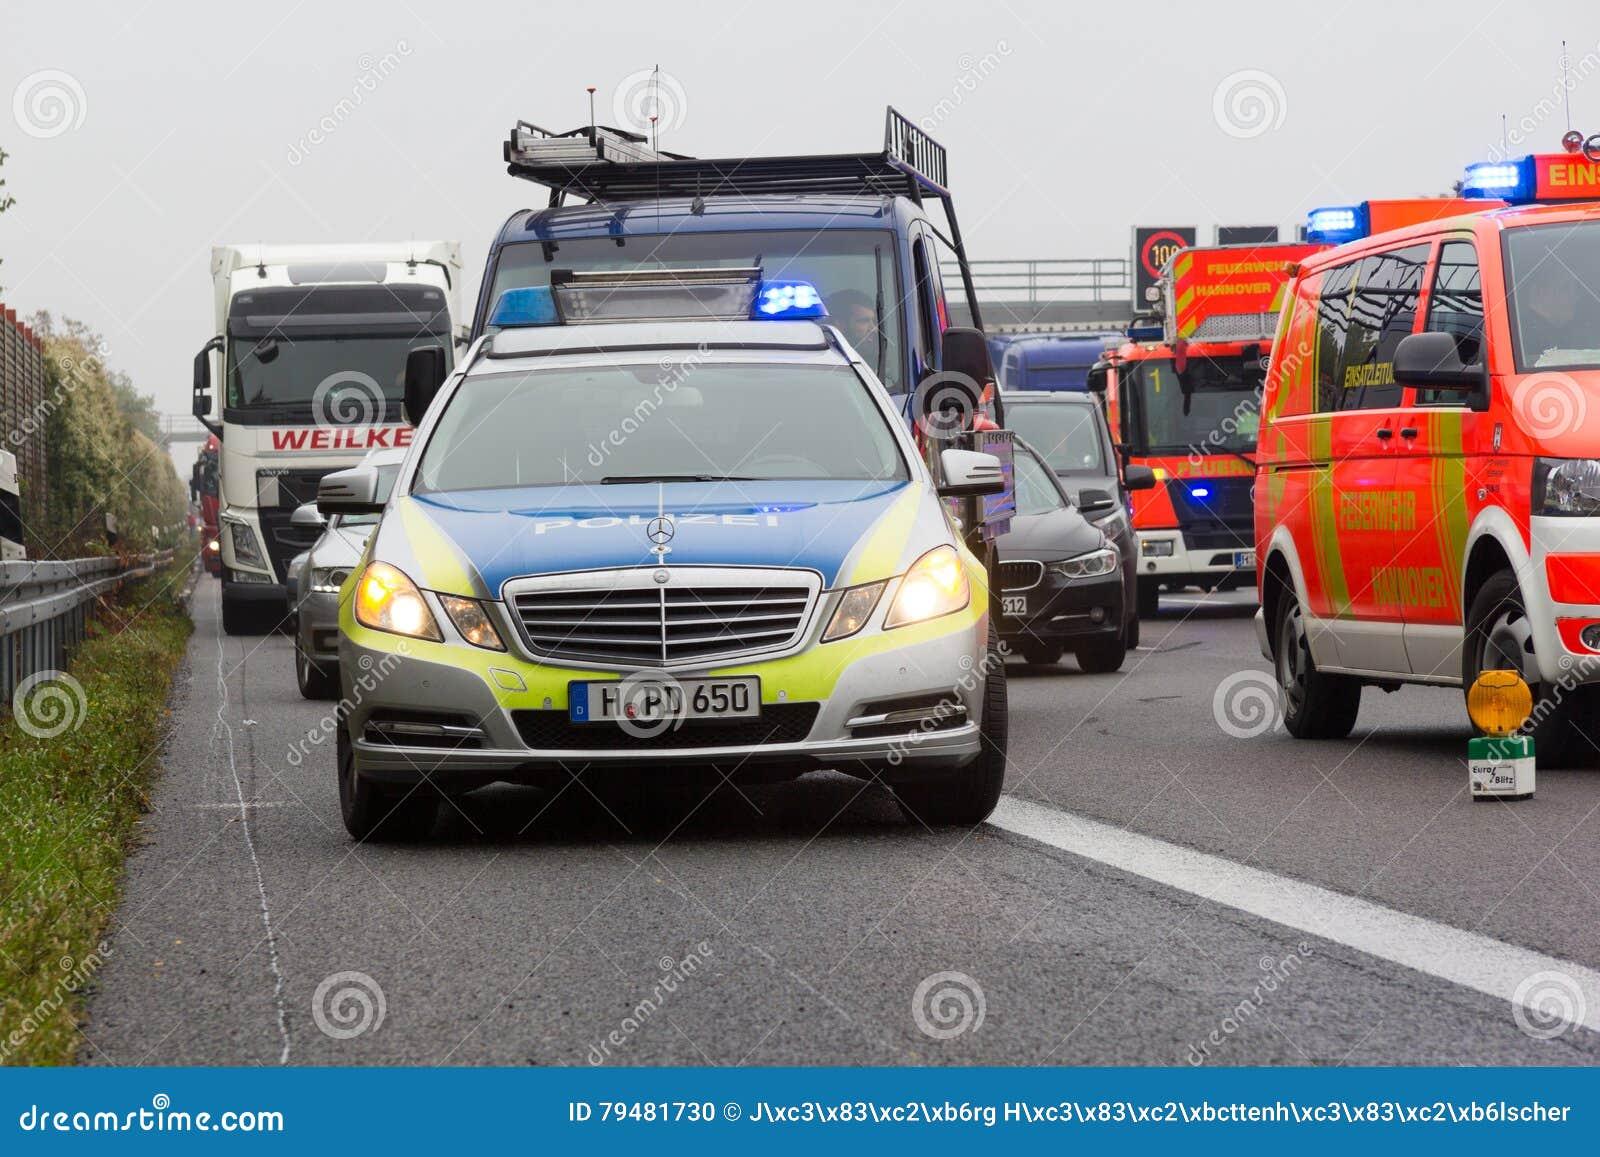 Γερμανικές στάσεις περιπολικών της Αστυνομίας στον αυτοκινητόδρομο a2 από μια συντριβή φορτηγών κοντά στο Αννόβερο